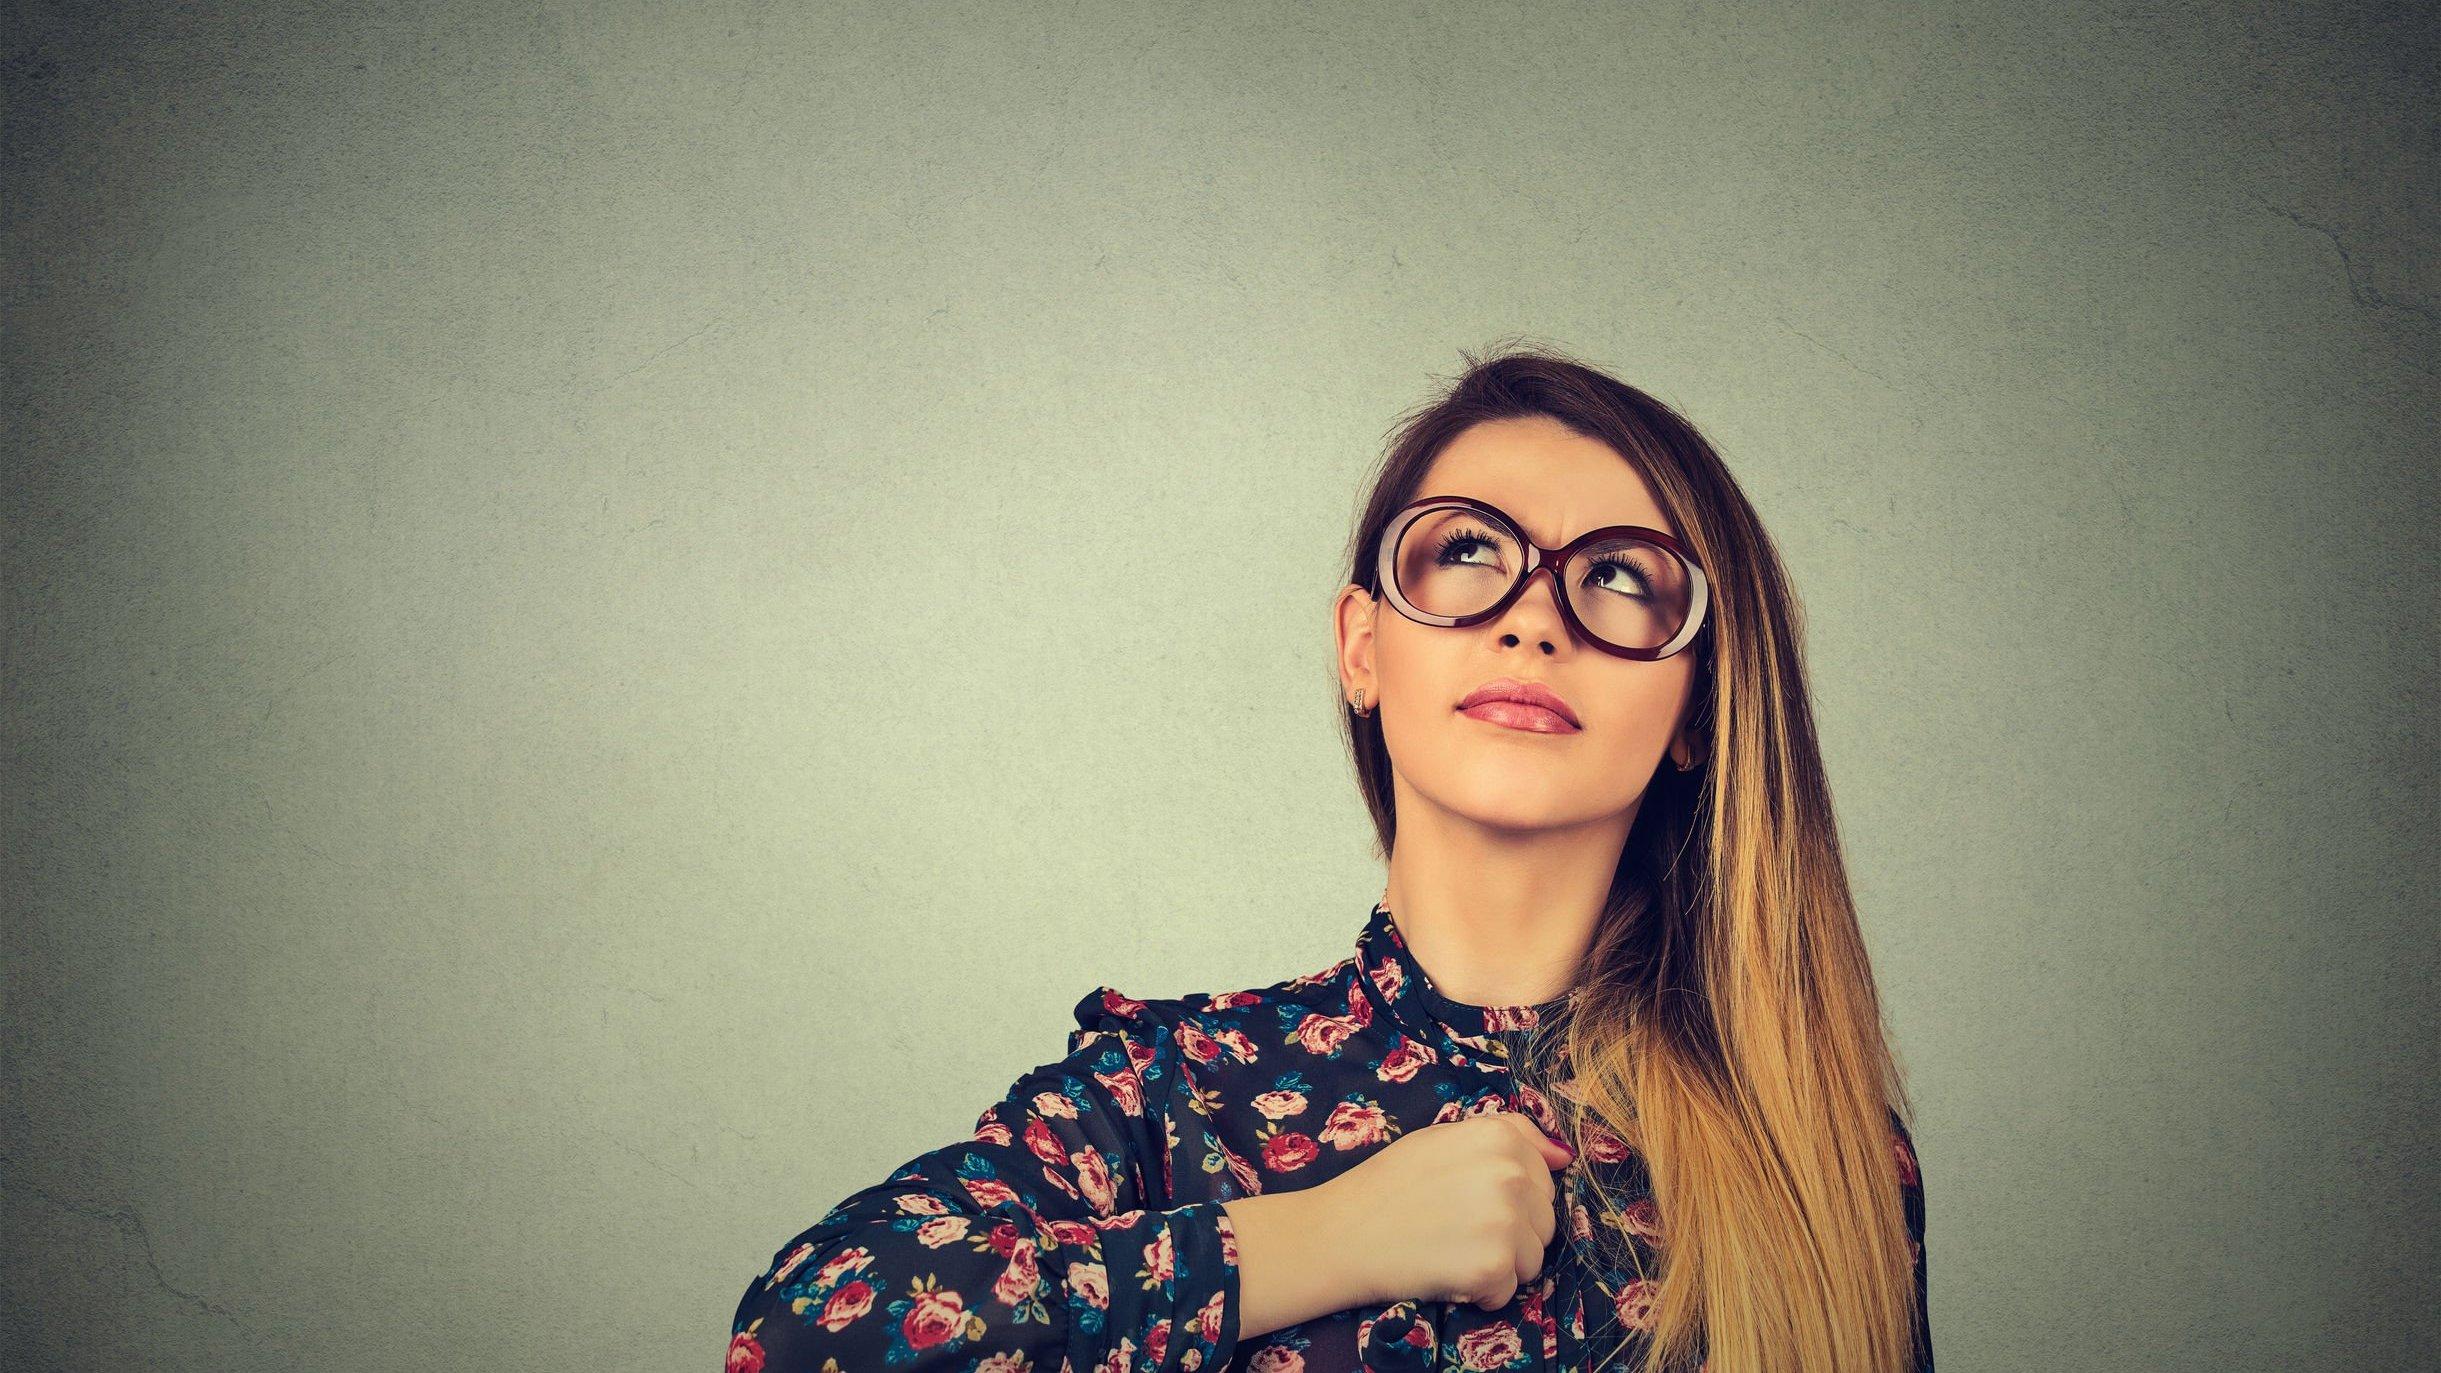 Mulher com óculos e camisa florida com o punho direito fechado no centro de seu peito, e olhando para cima.